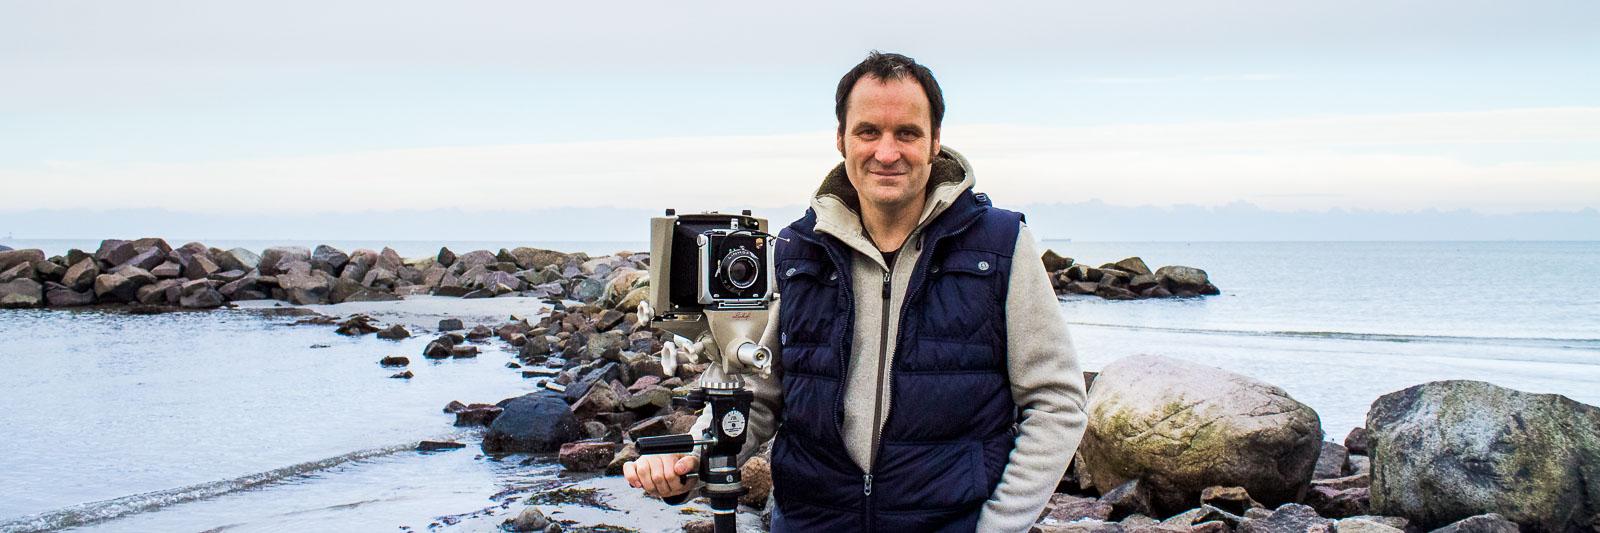 Mario Reinstadler fotografiert Ostsee und Nordsee